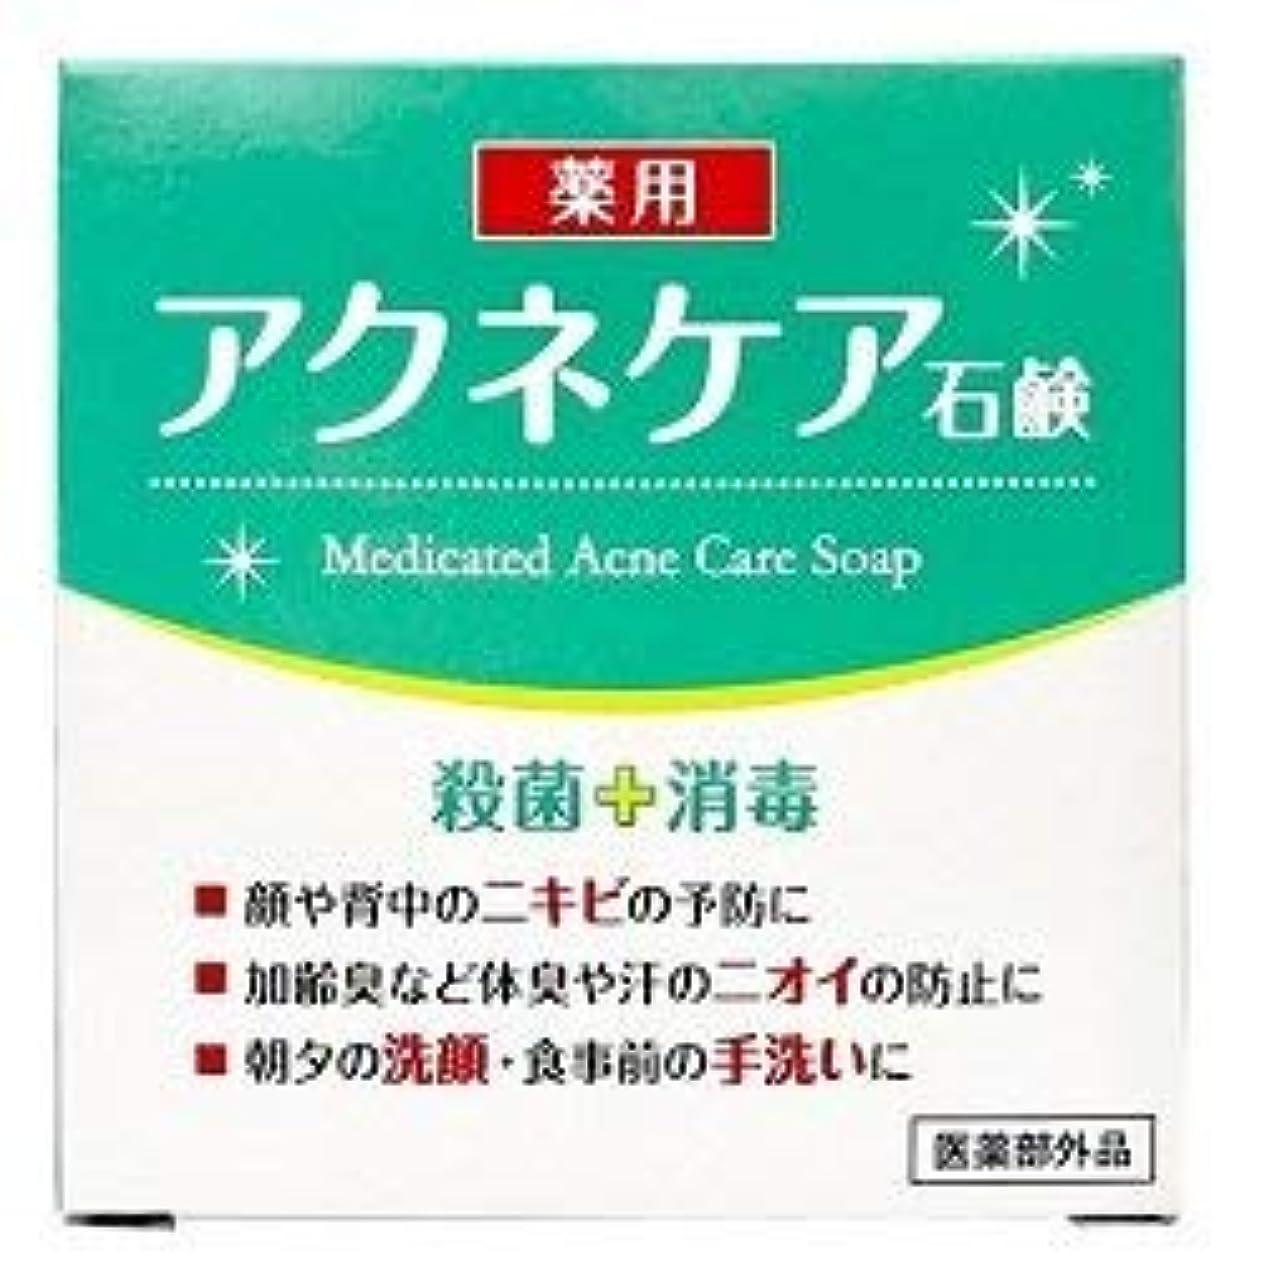 呼吸よく話される発行する薬用 アクネケア 石けん 80g (医薬部外品)